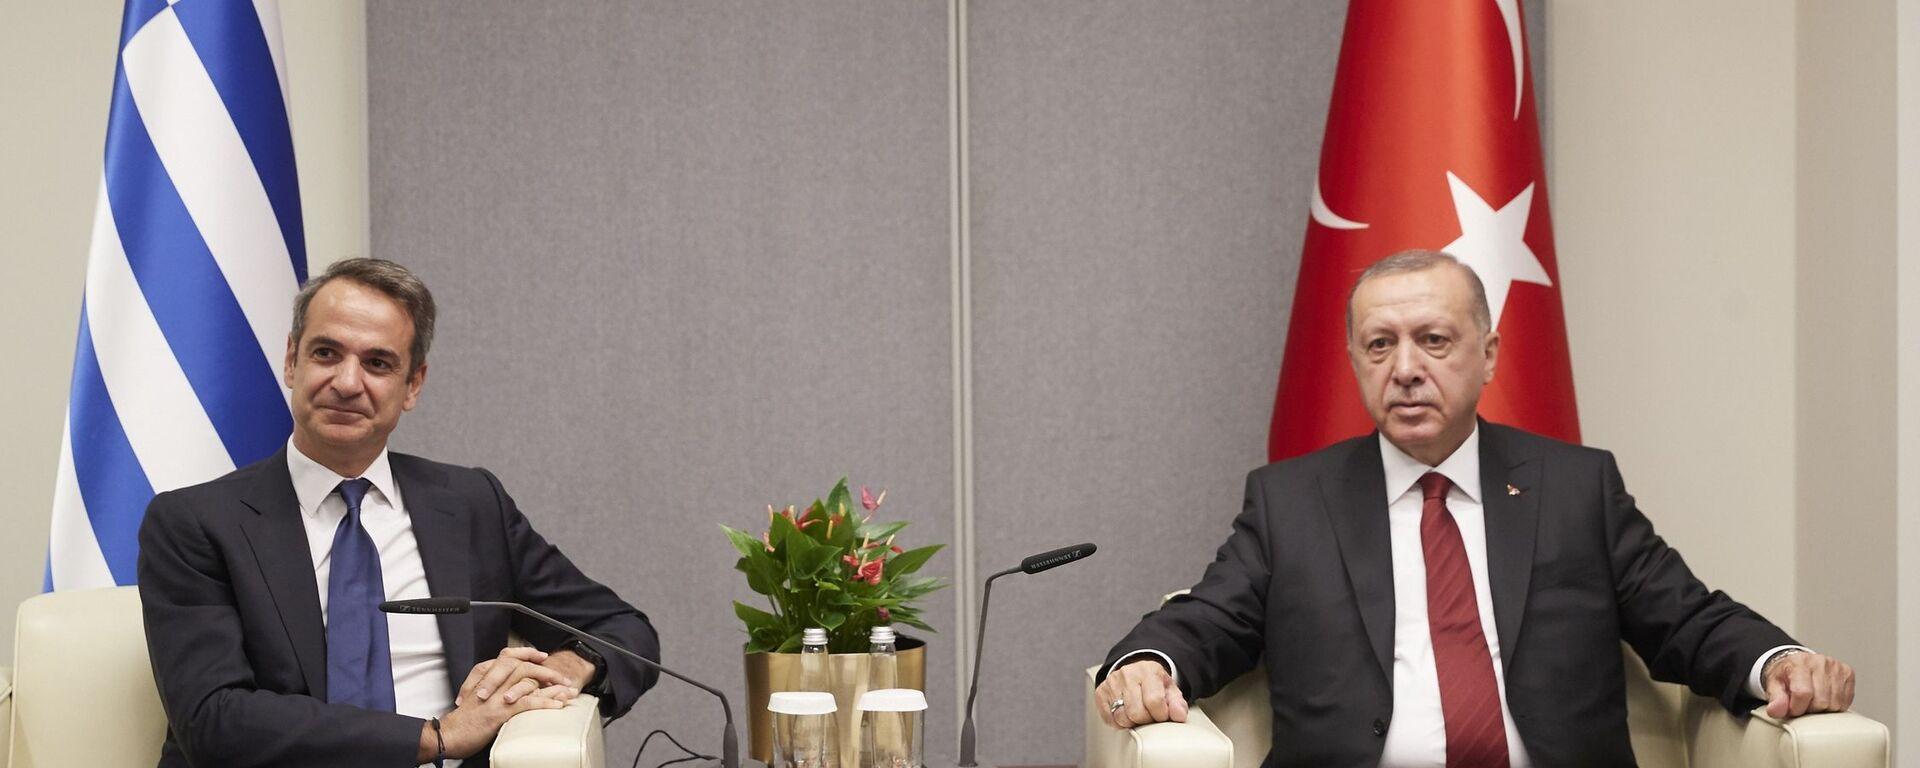 Συνάντηση του Κυριάκου Μητσοτάκη με τον Ρετζέπ Ταγίπ Ερντογάν. - Sputnik Ελλάδα, 1920, 19.09.2021